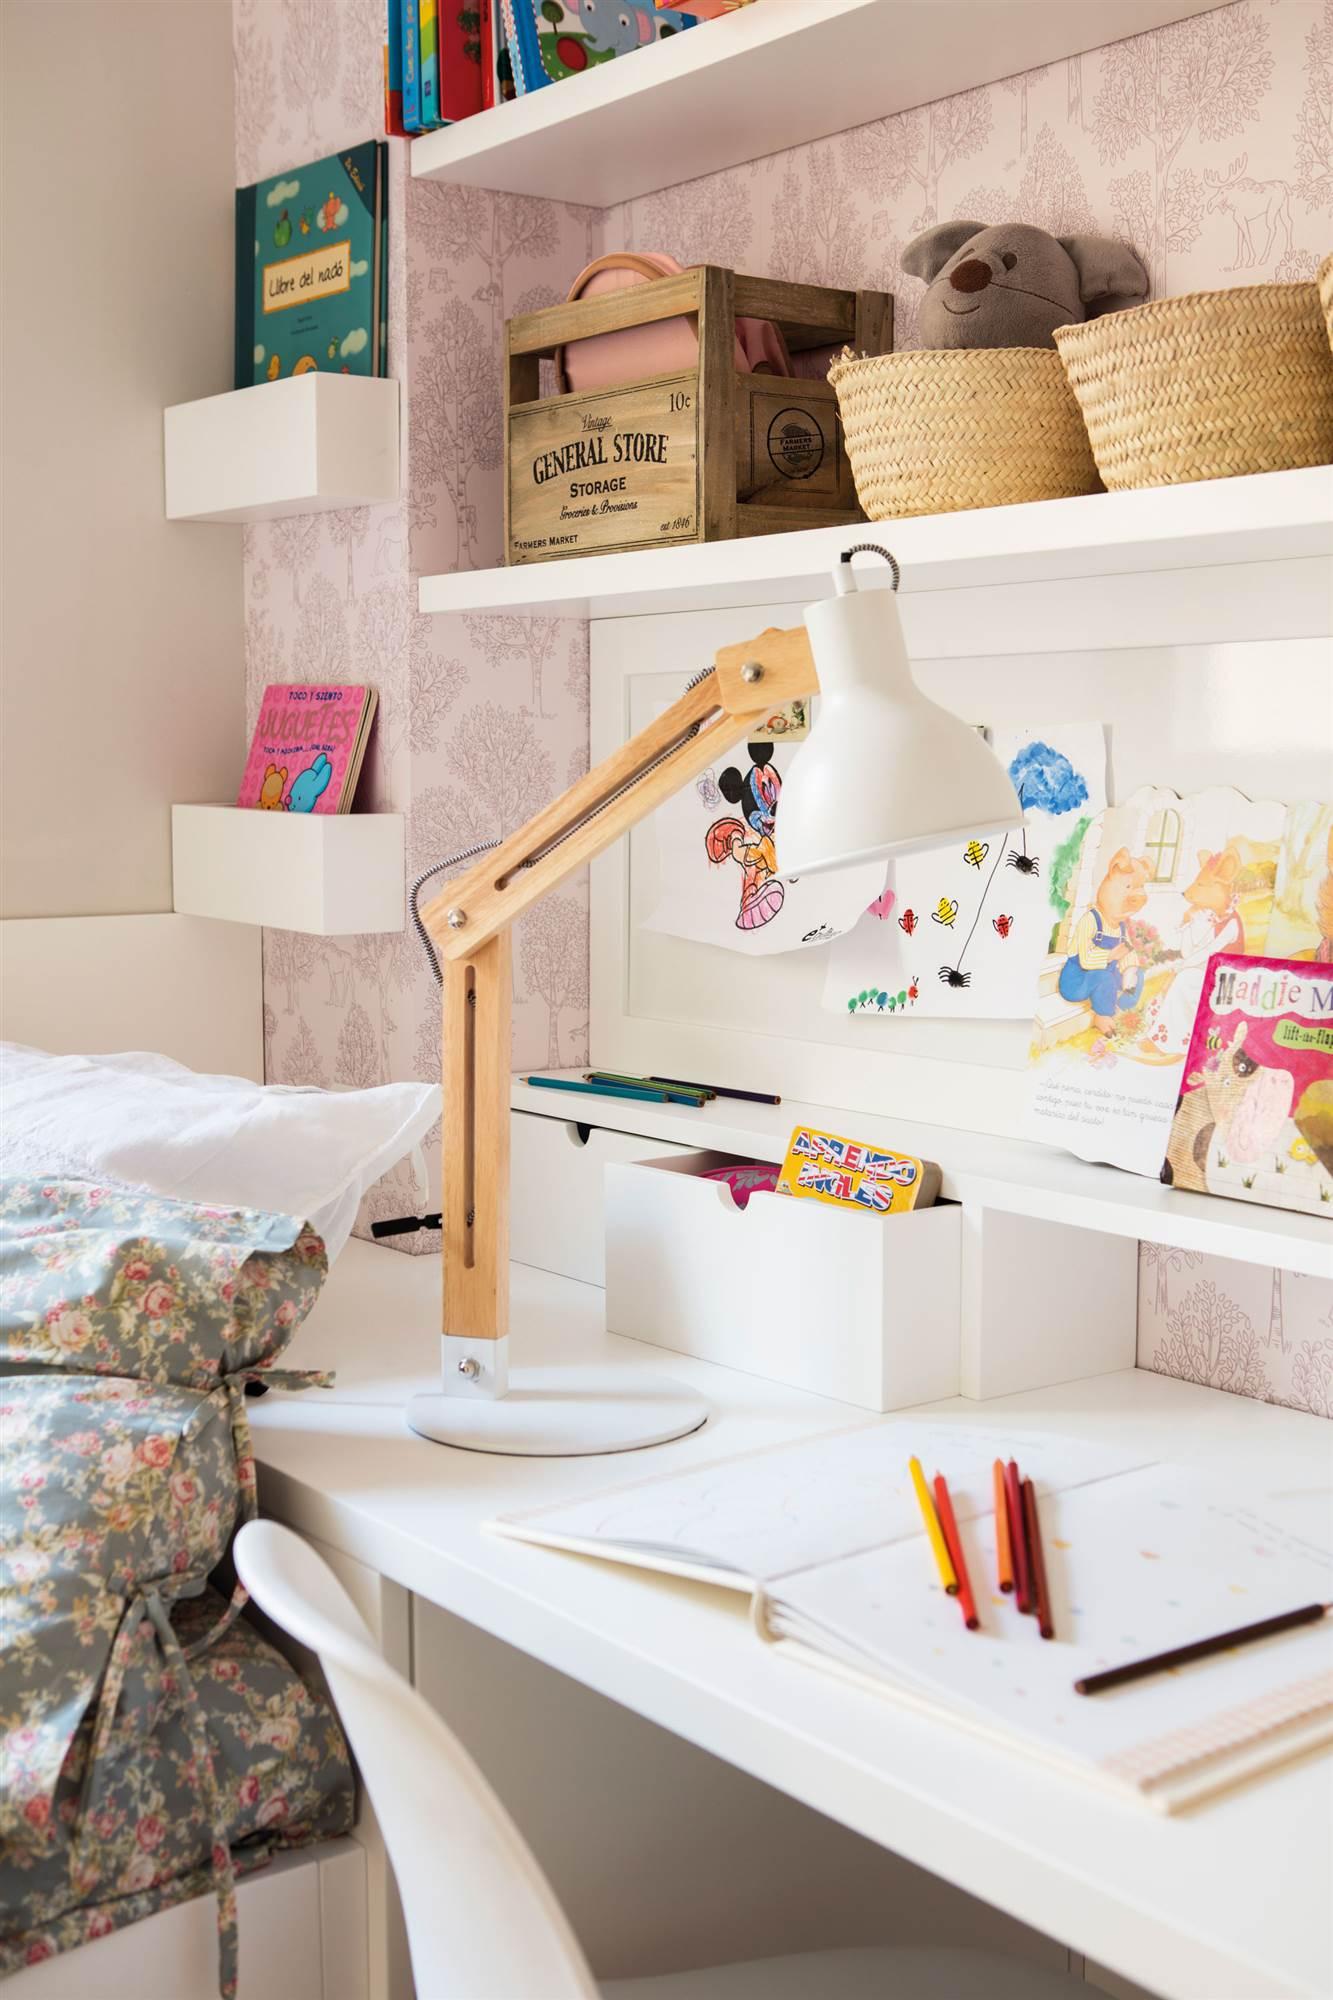 Habitaciones infantiles peque as en las que cabe todo - Muebles infantiles para habitaciones pequenas ...